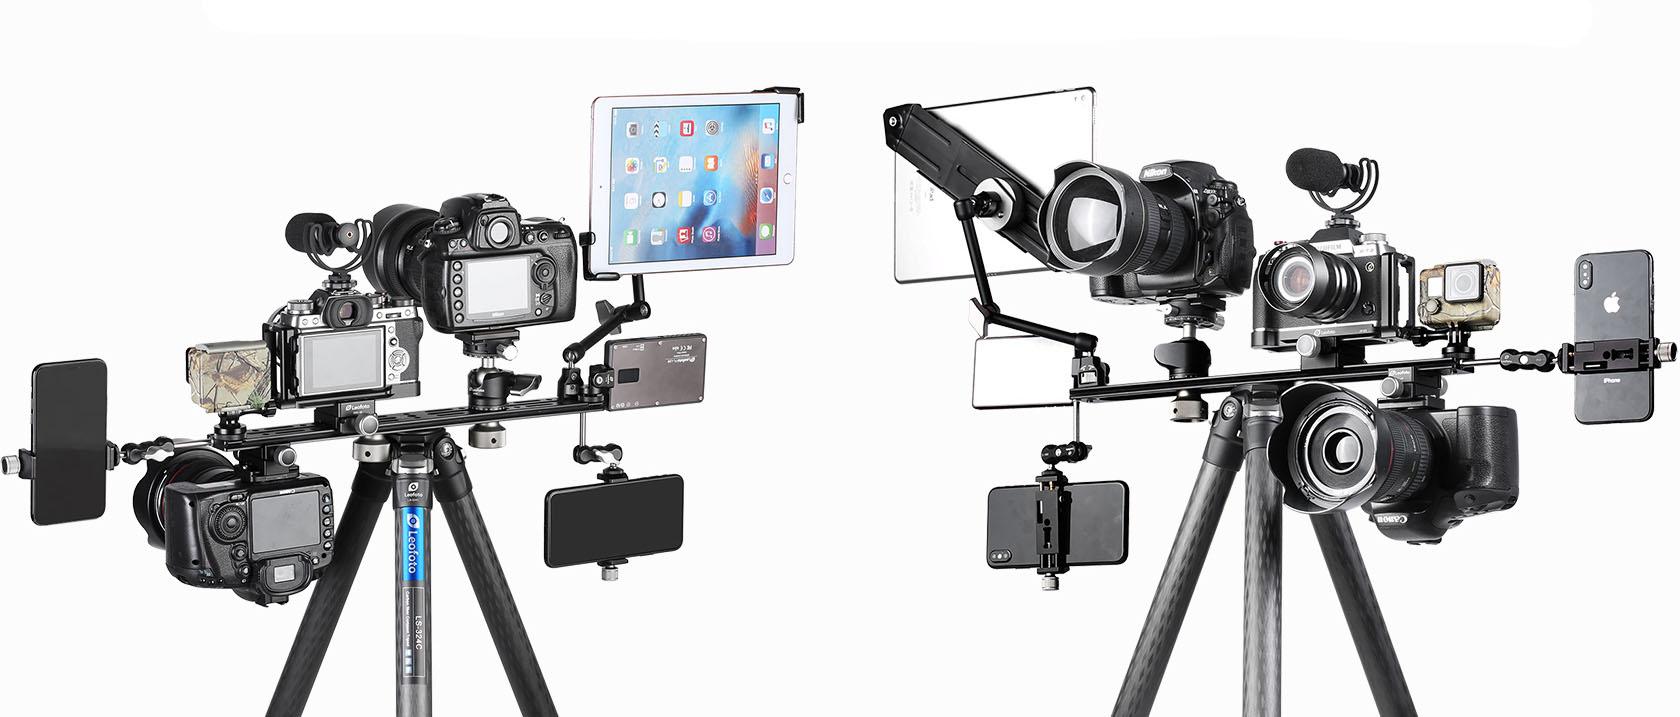 Leofoto NP-400 rail en aluminio aeronautico para suujetar multiples accesorios de fotografía y video